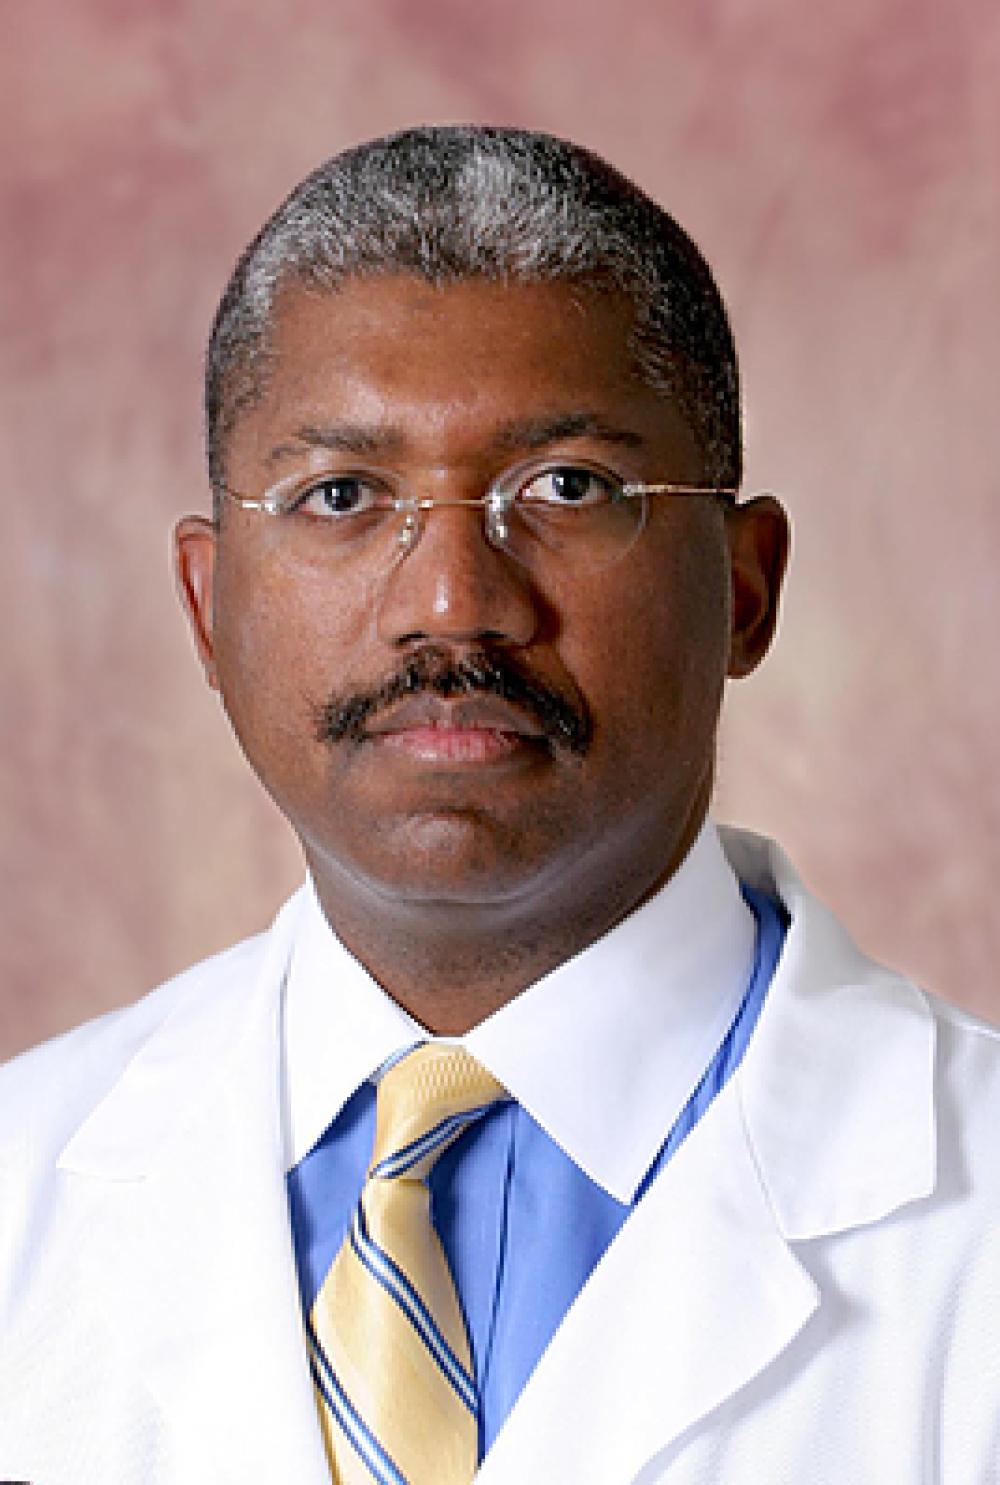 Dr Derrick J. Beech, M.D., F.A.C.S